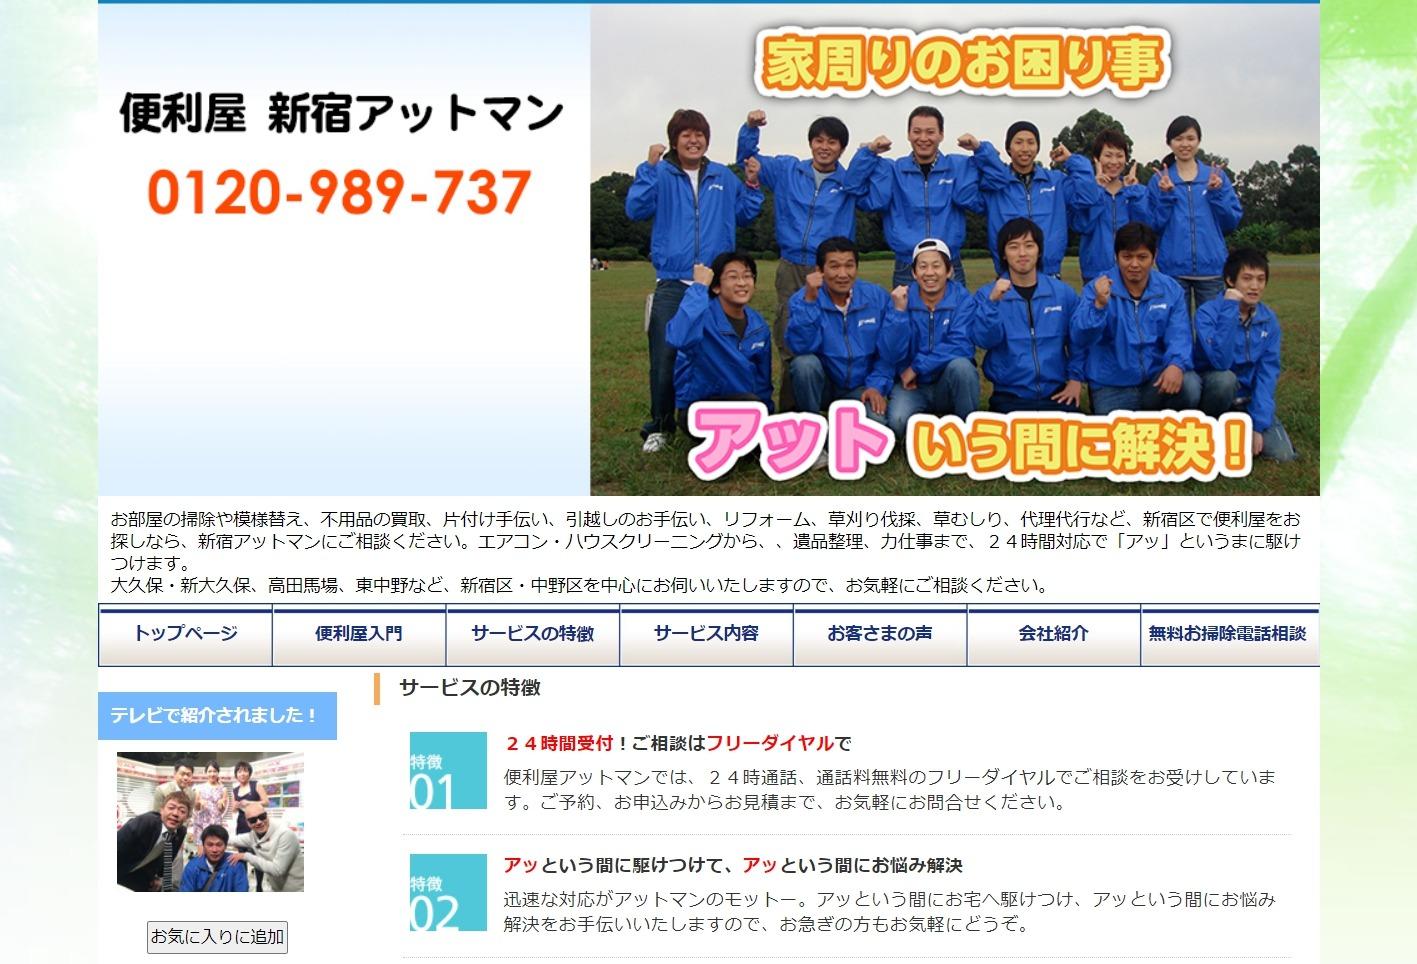 http://www.shinjuku-benriya.com/